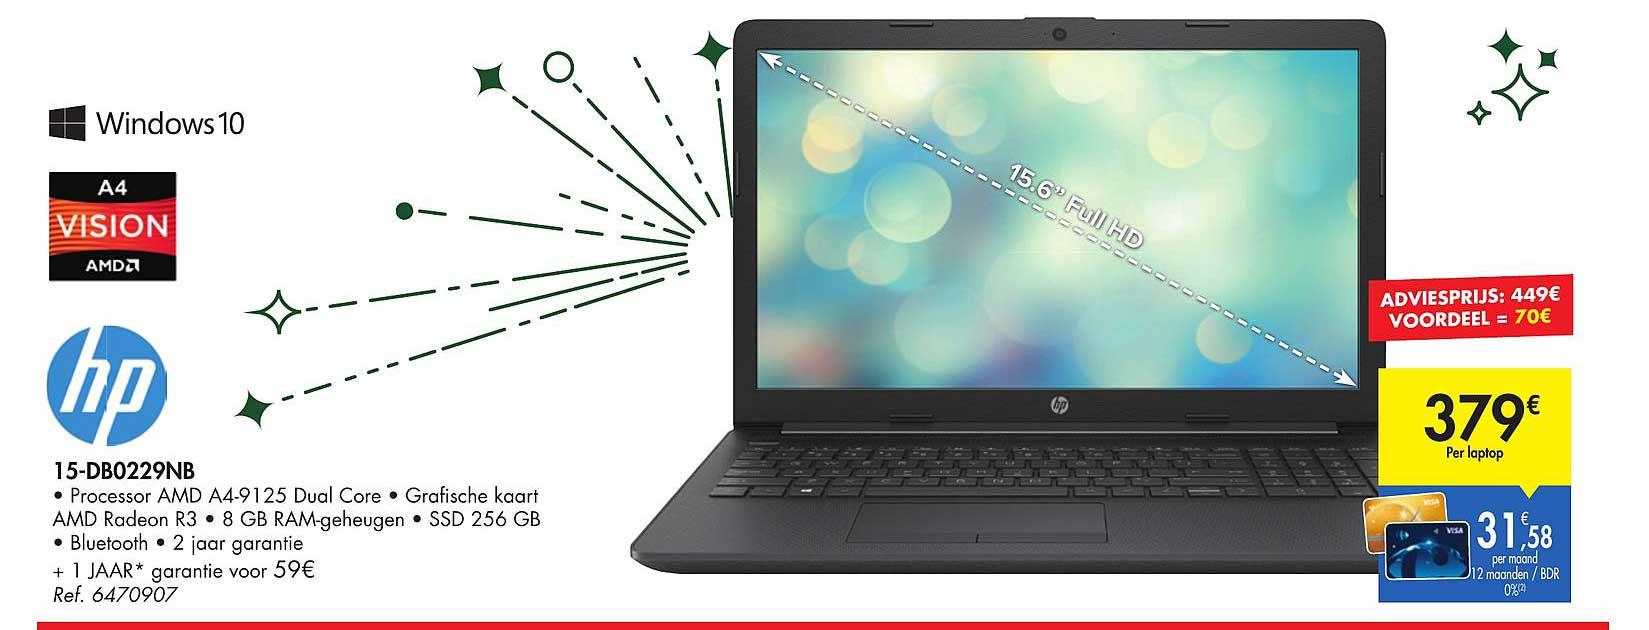 Laptop Carrefour